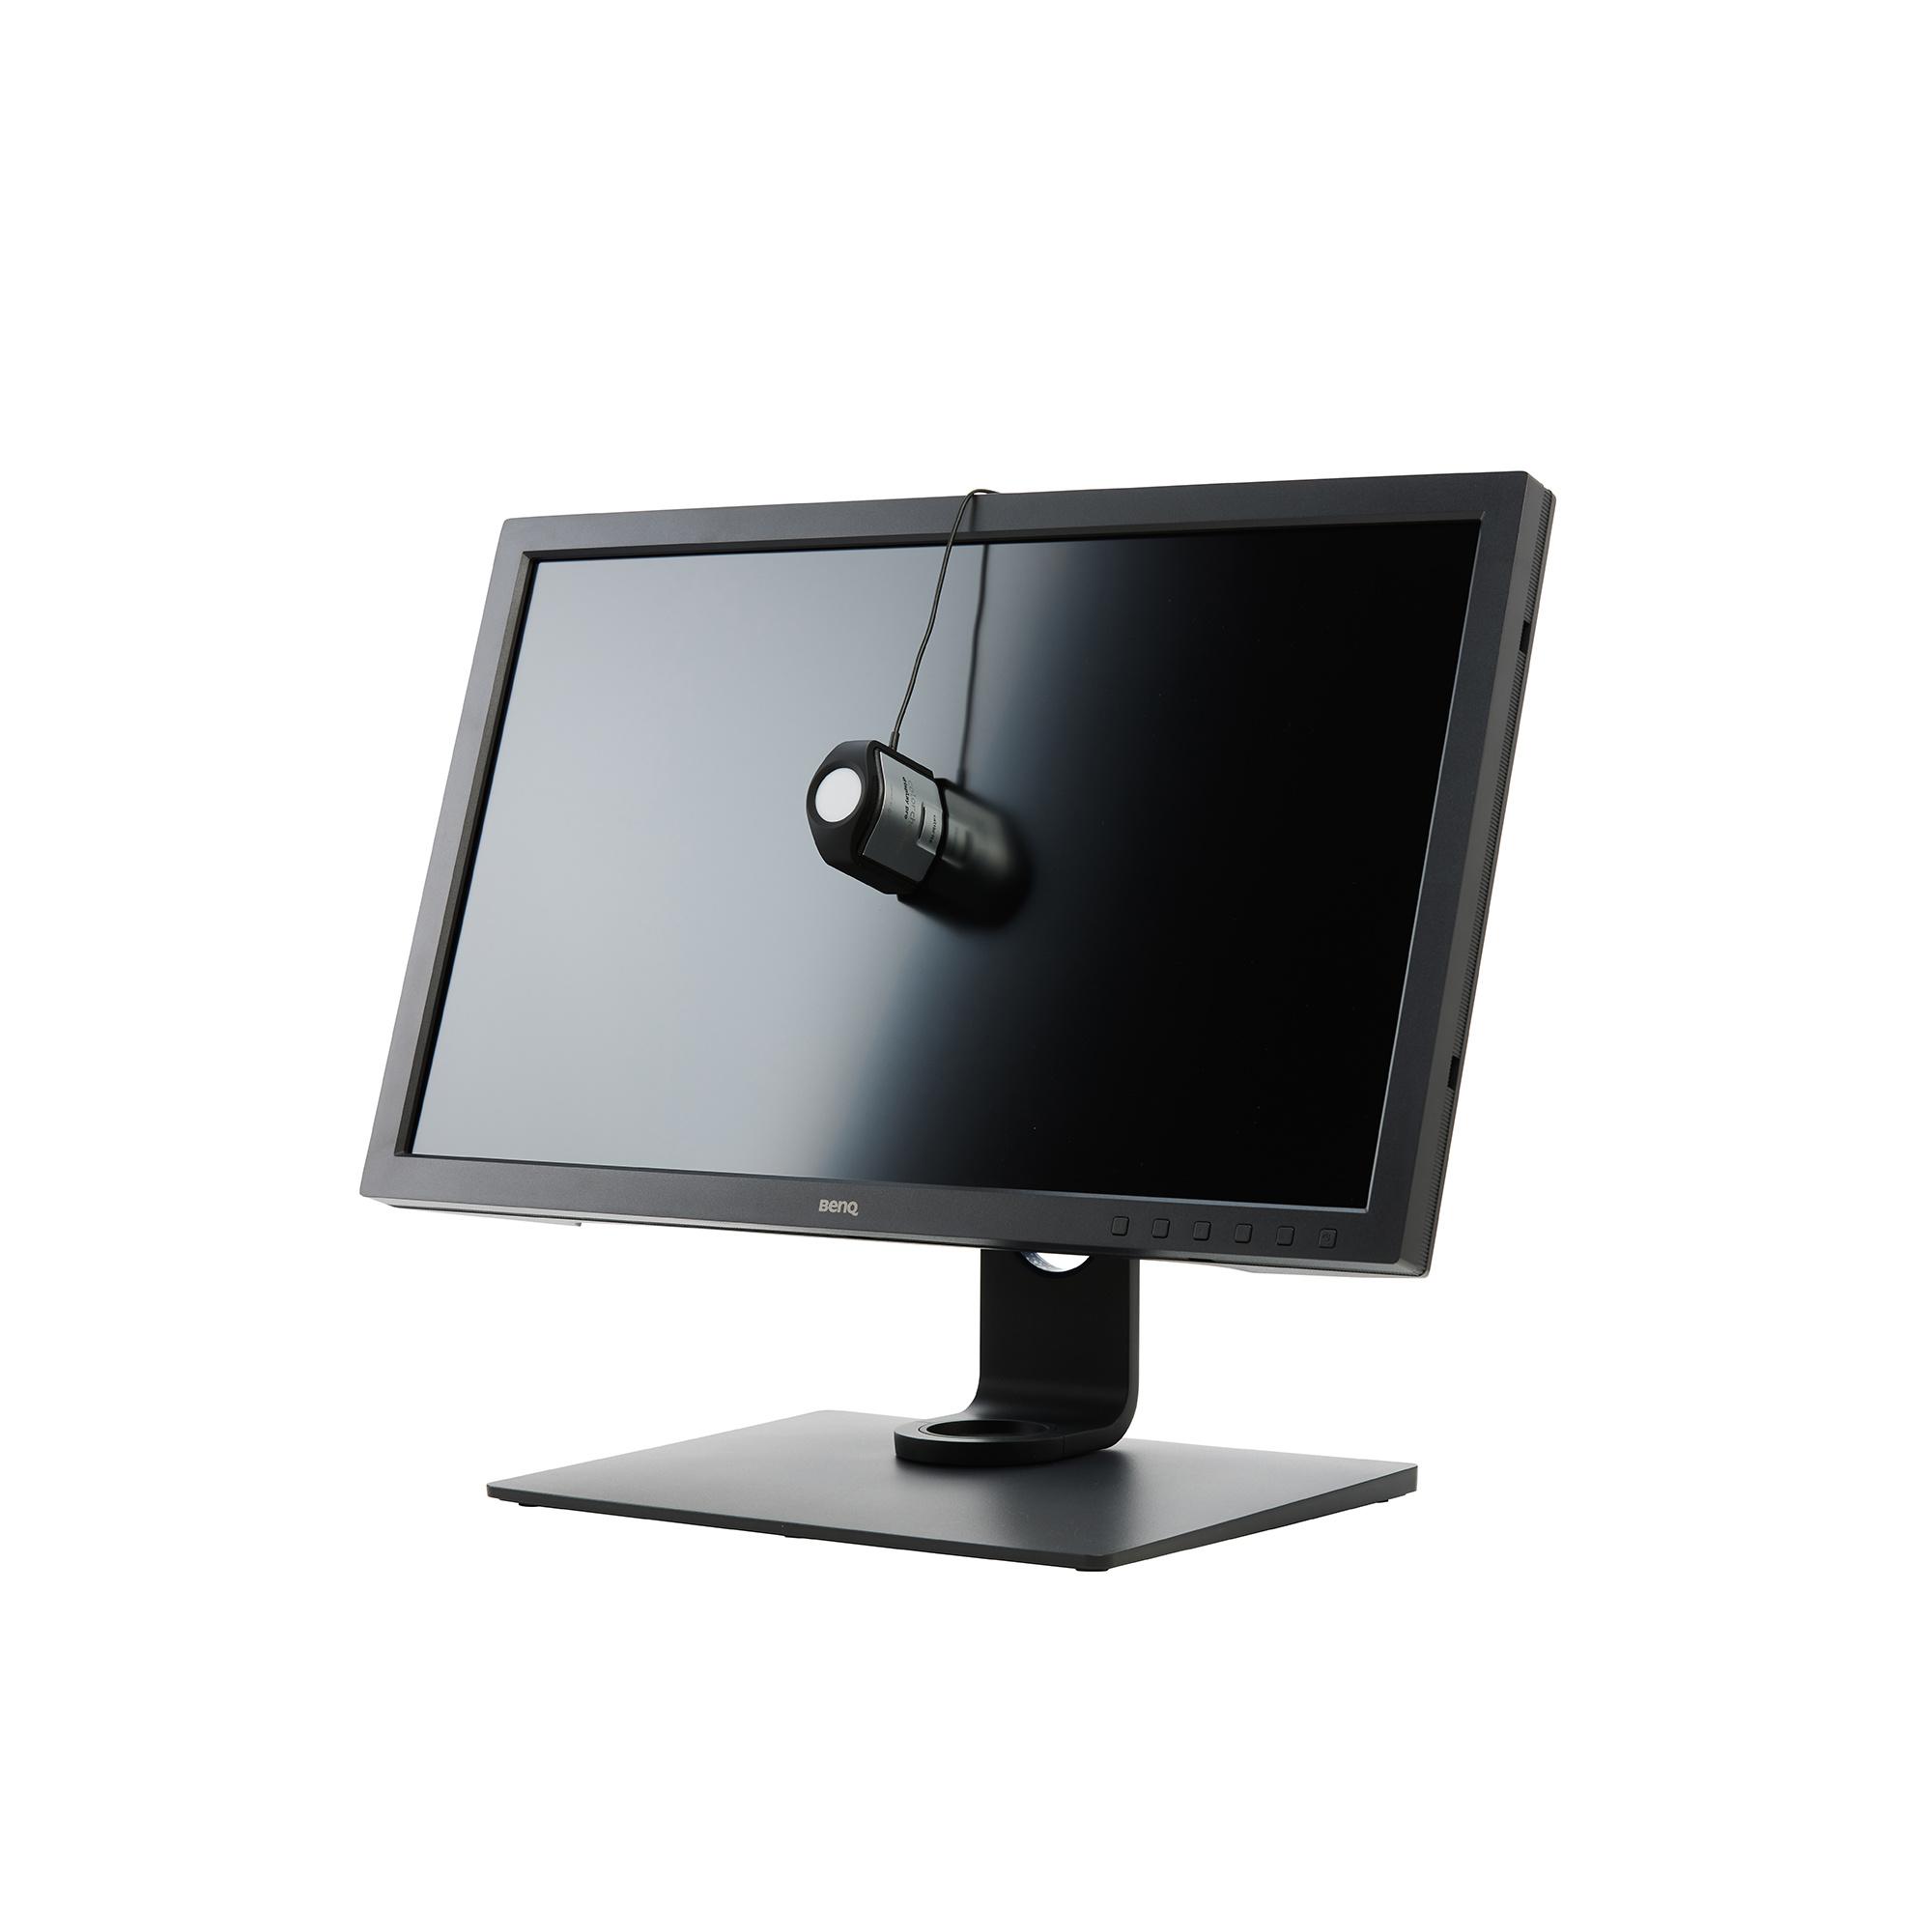 Calibrite Calibrite ColorChecker Display Pro